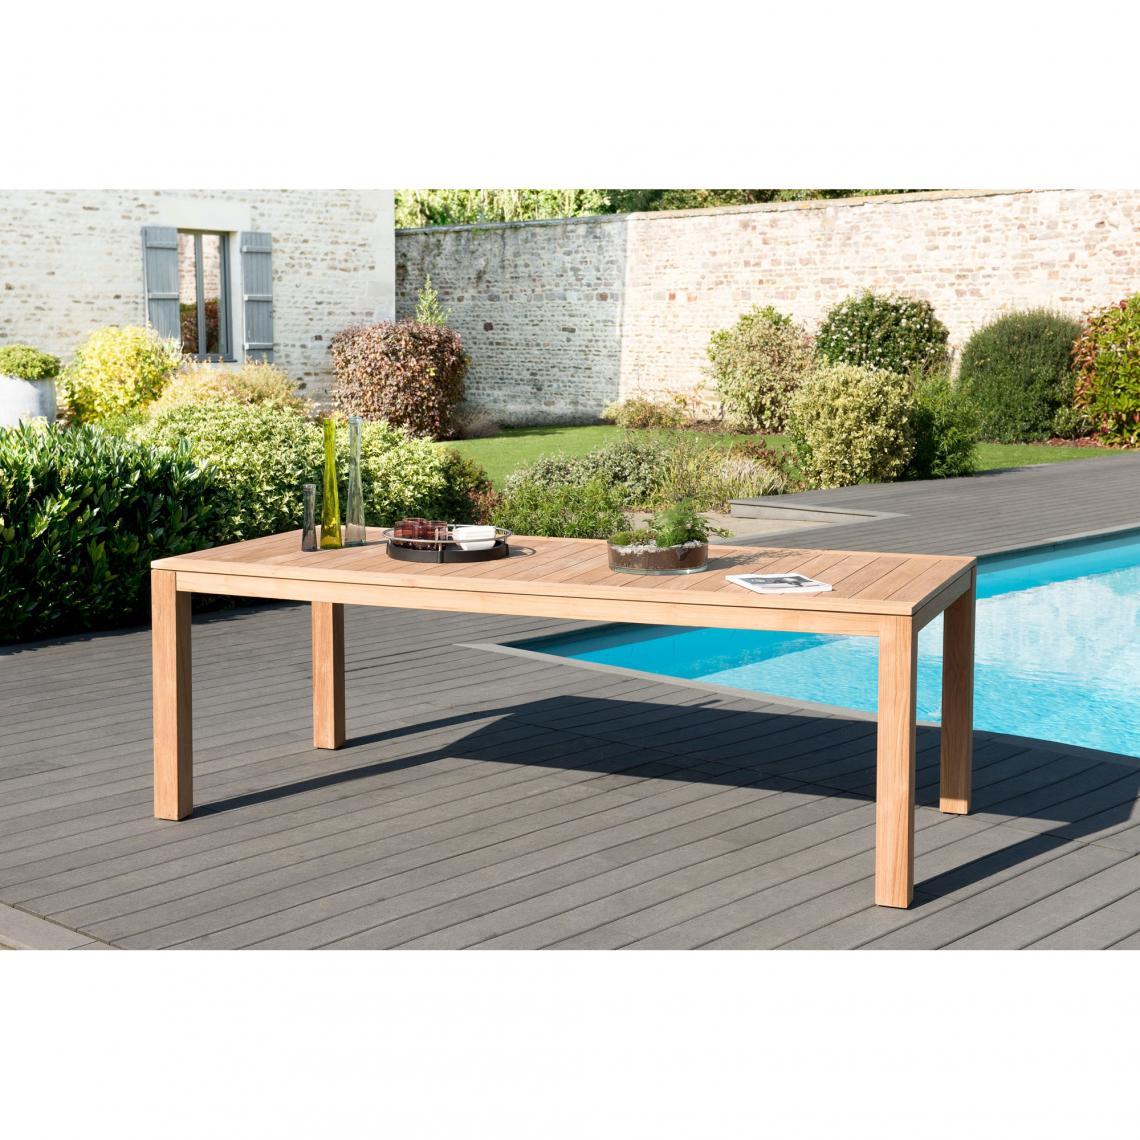 Table de jardin rectangulaire en teck massif Vieste